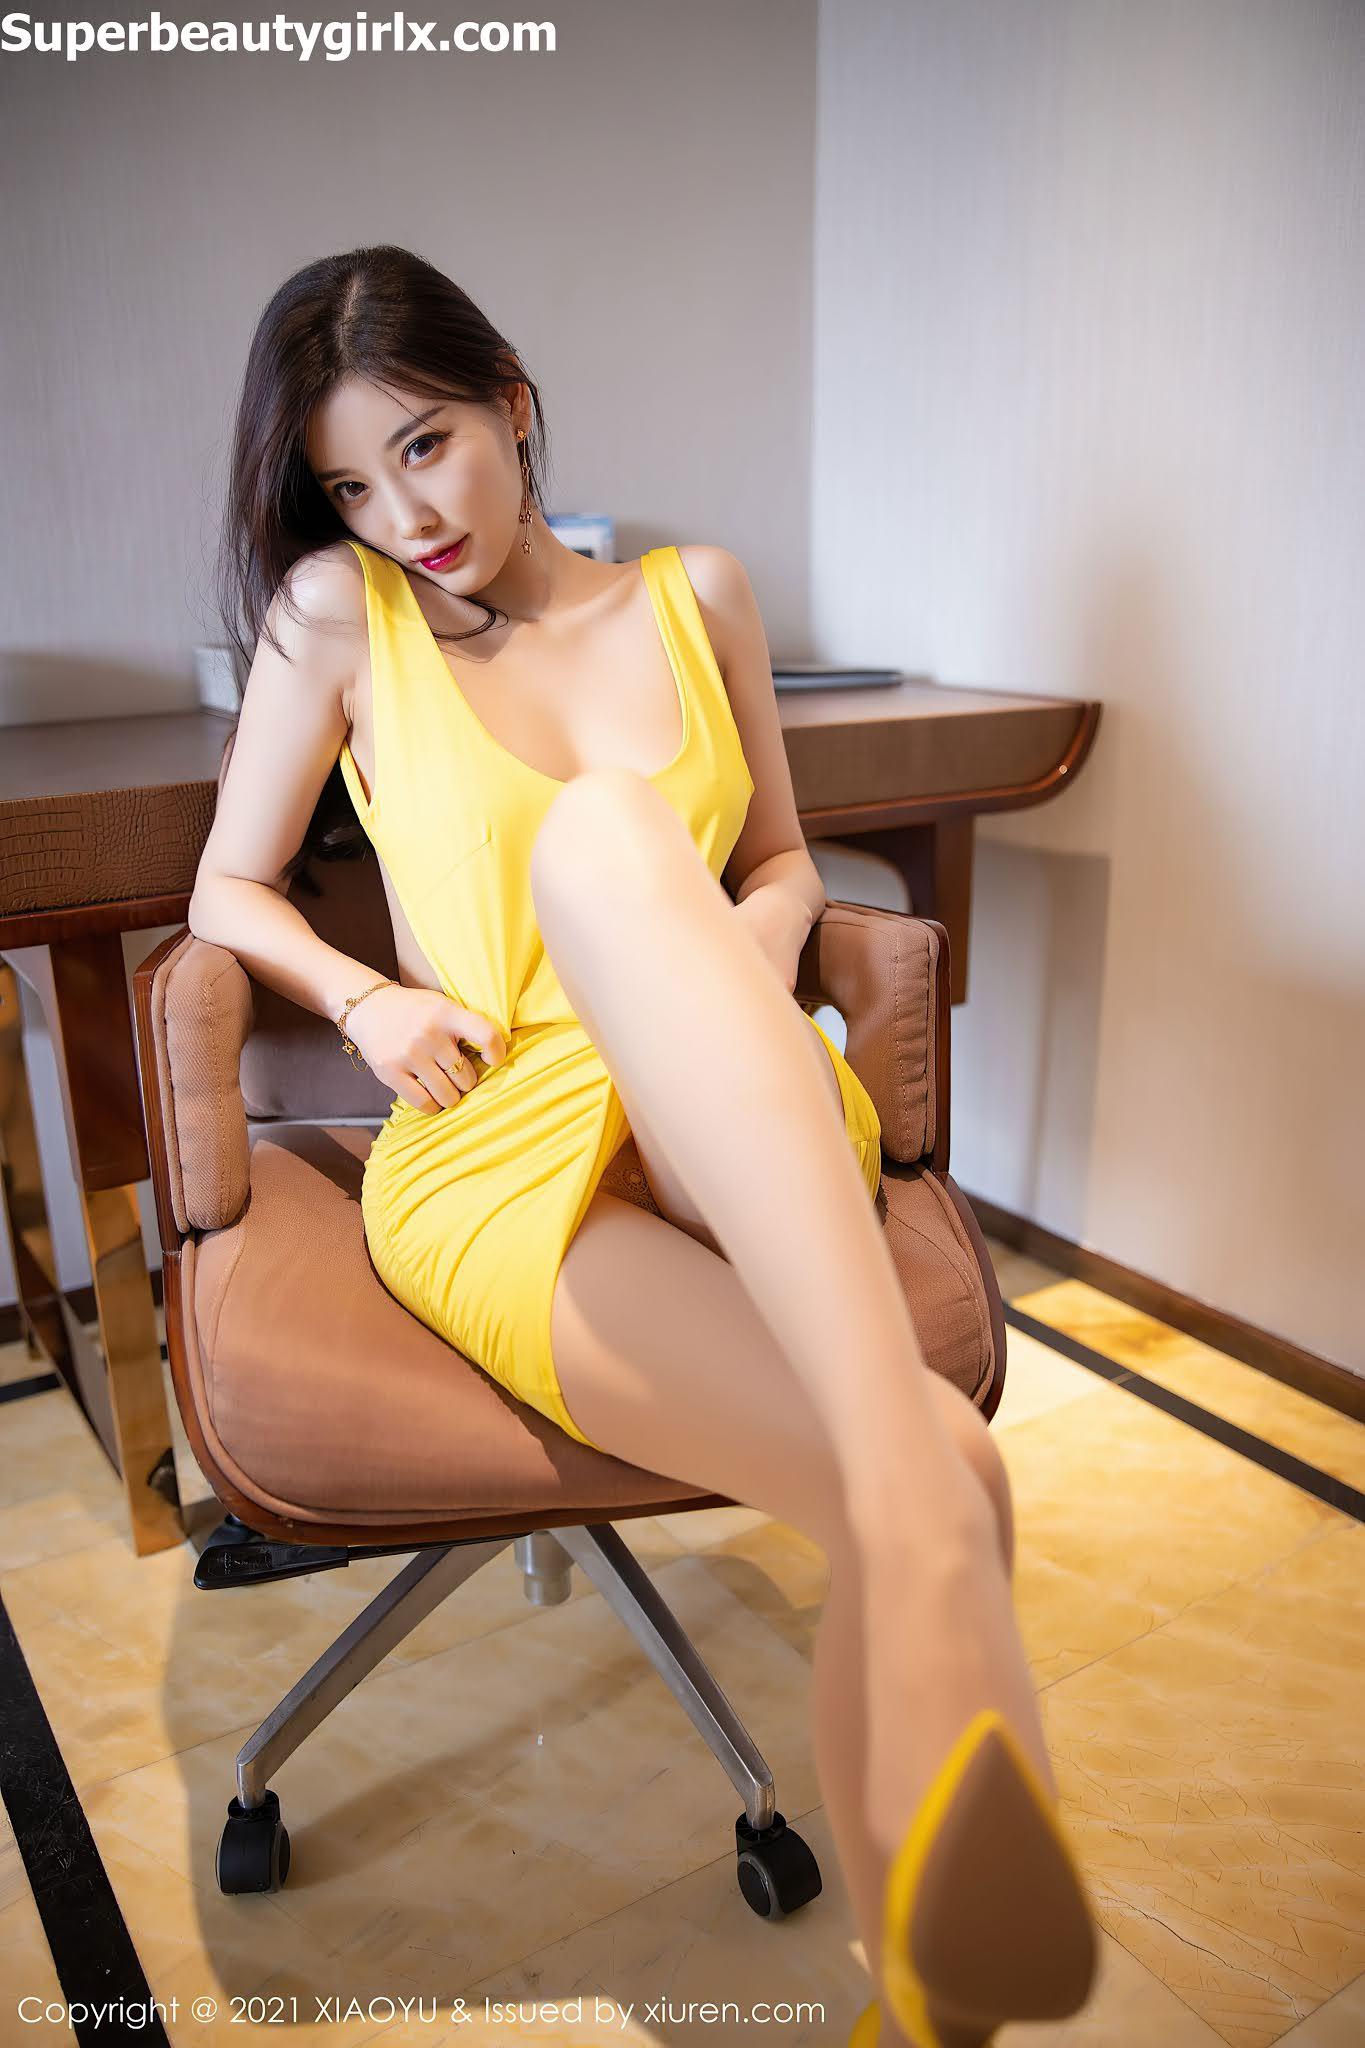 XiaoYu-Vol.487-Yang-Chen-Chen-sugar-Superbeautygirlx.com